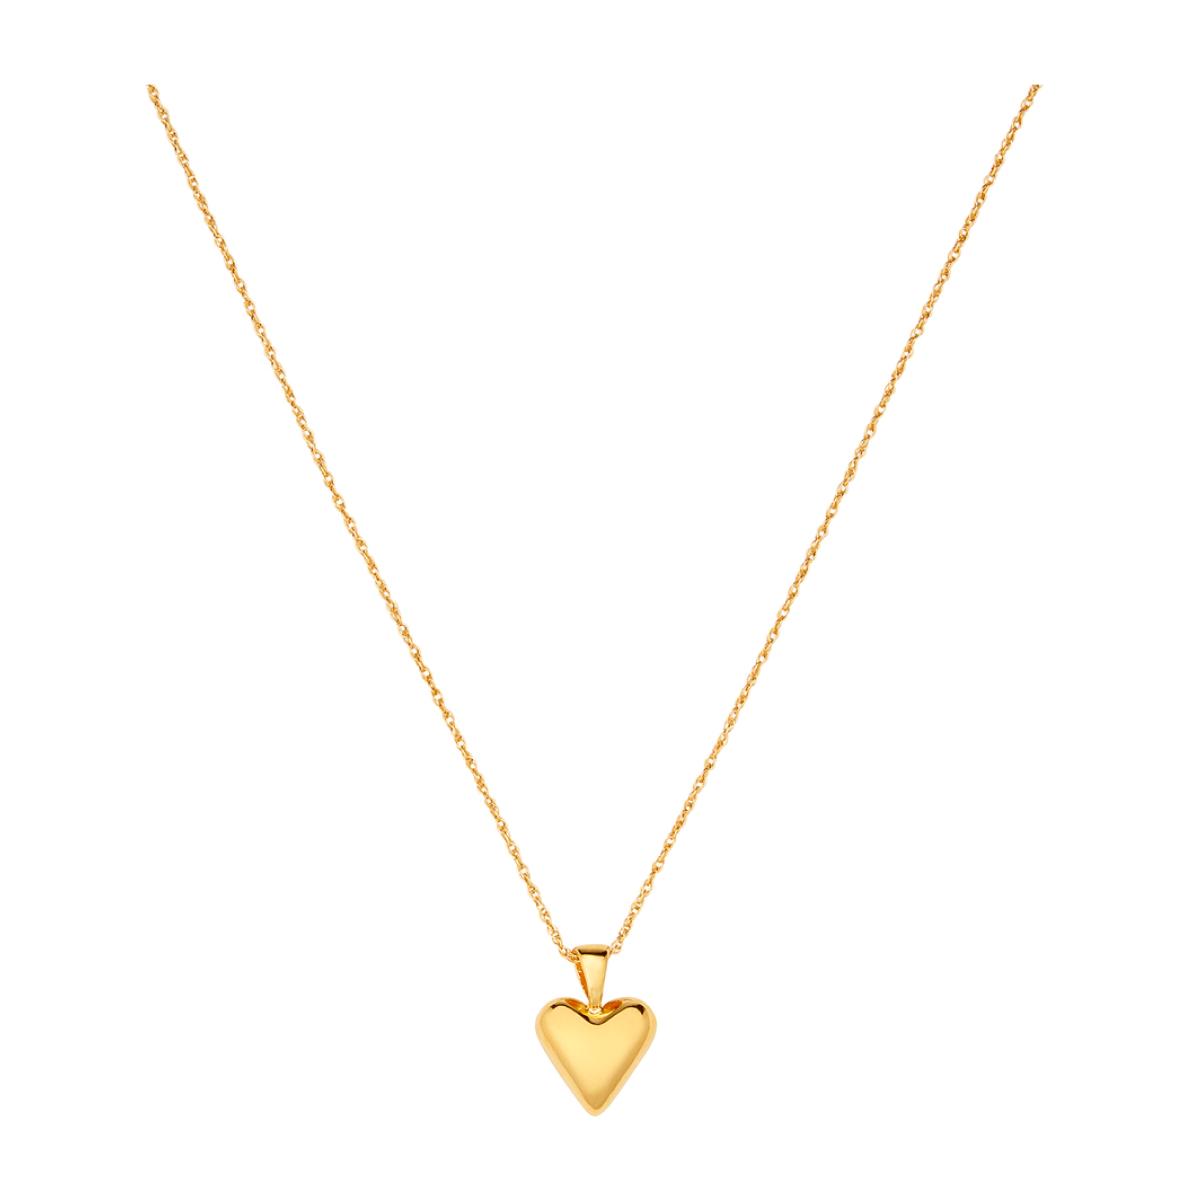 Sophie Buhai GOLD TINY HEART PENDANT